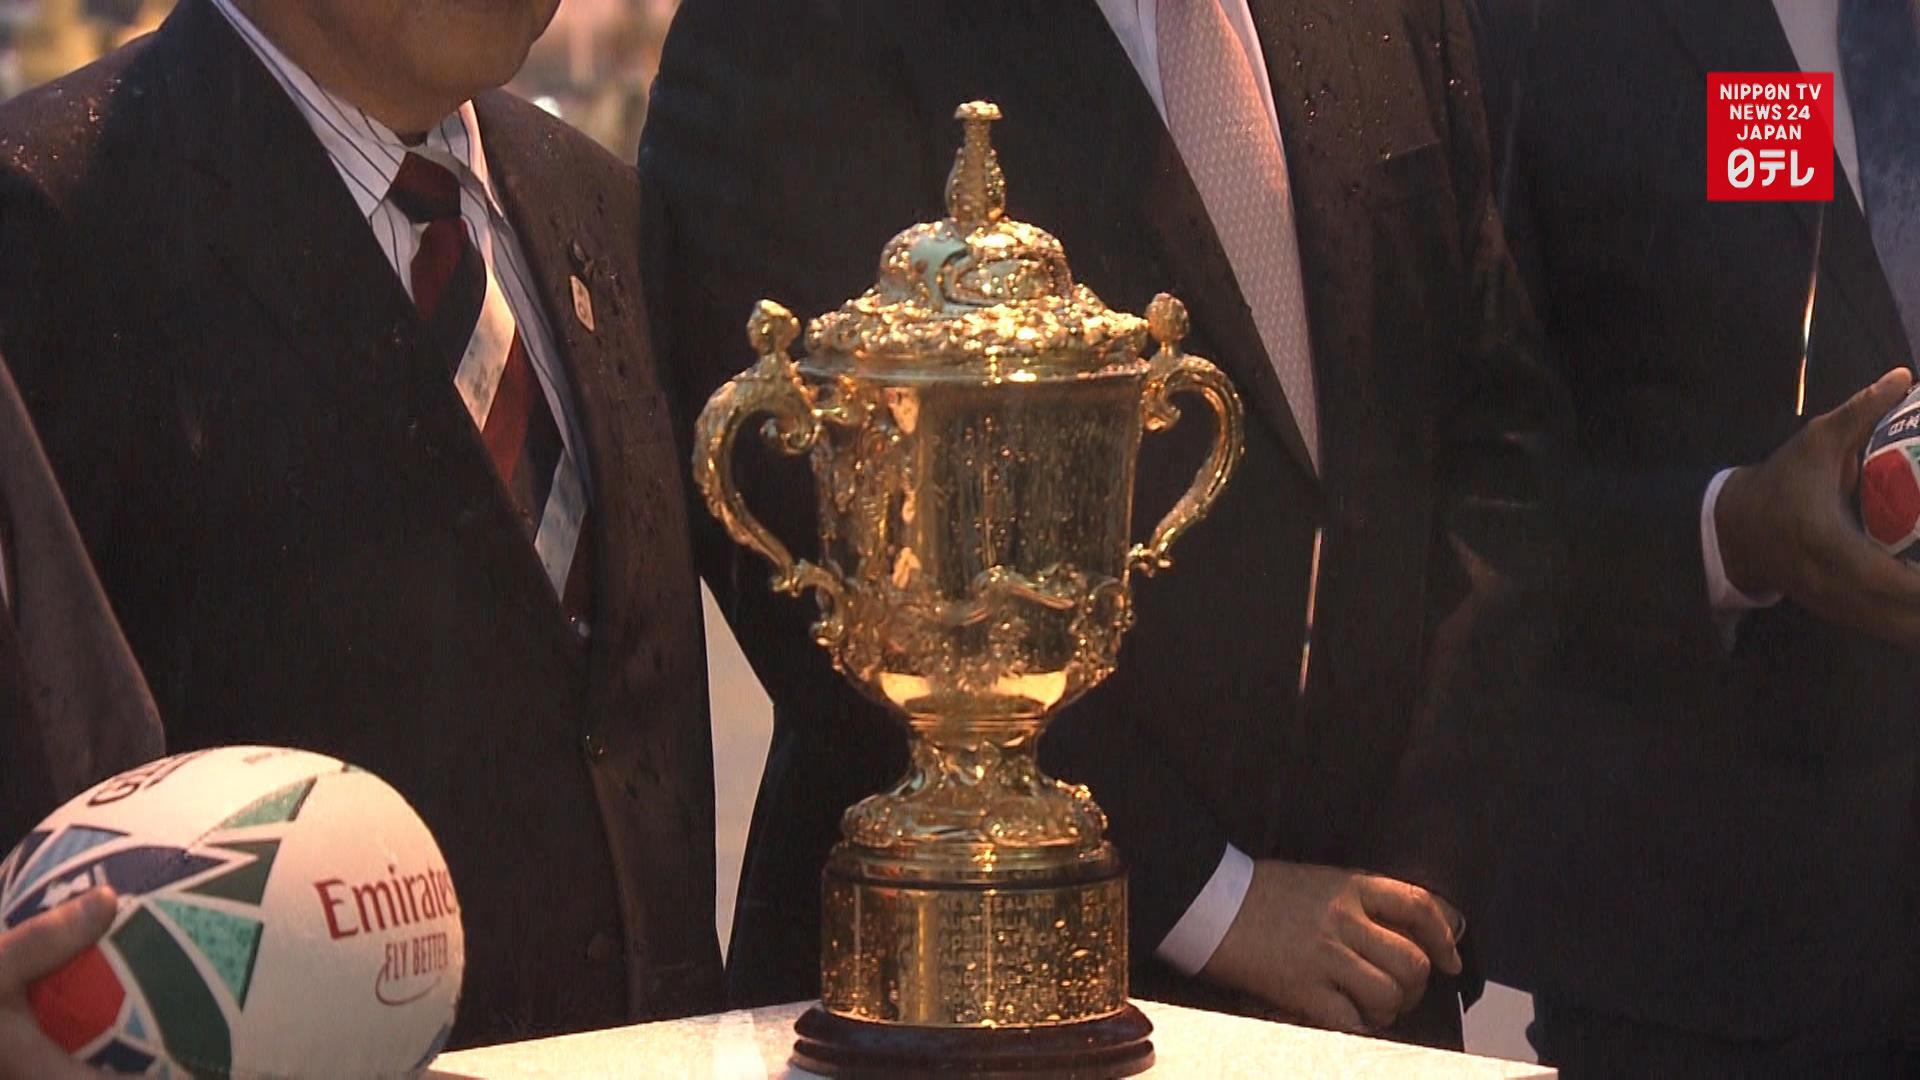 Rugby's Webb Ellis Cup arrives in Japan